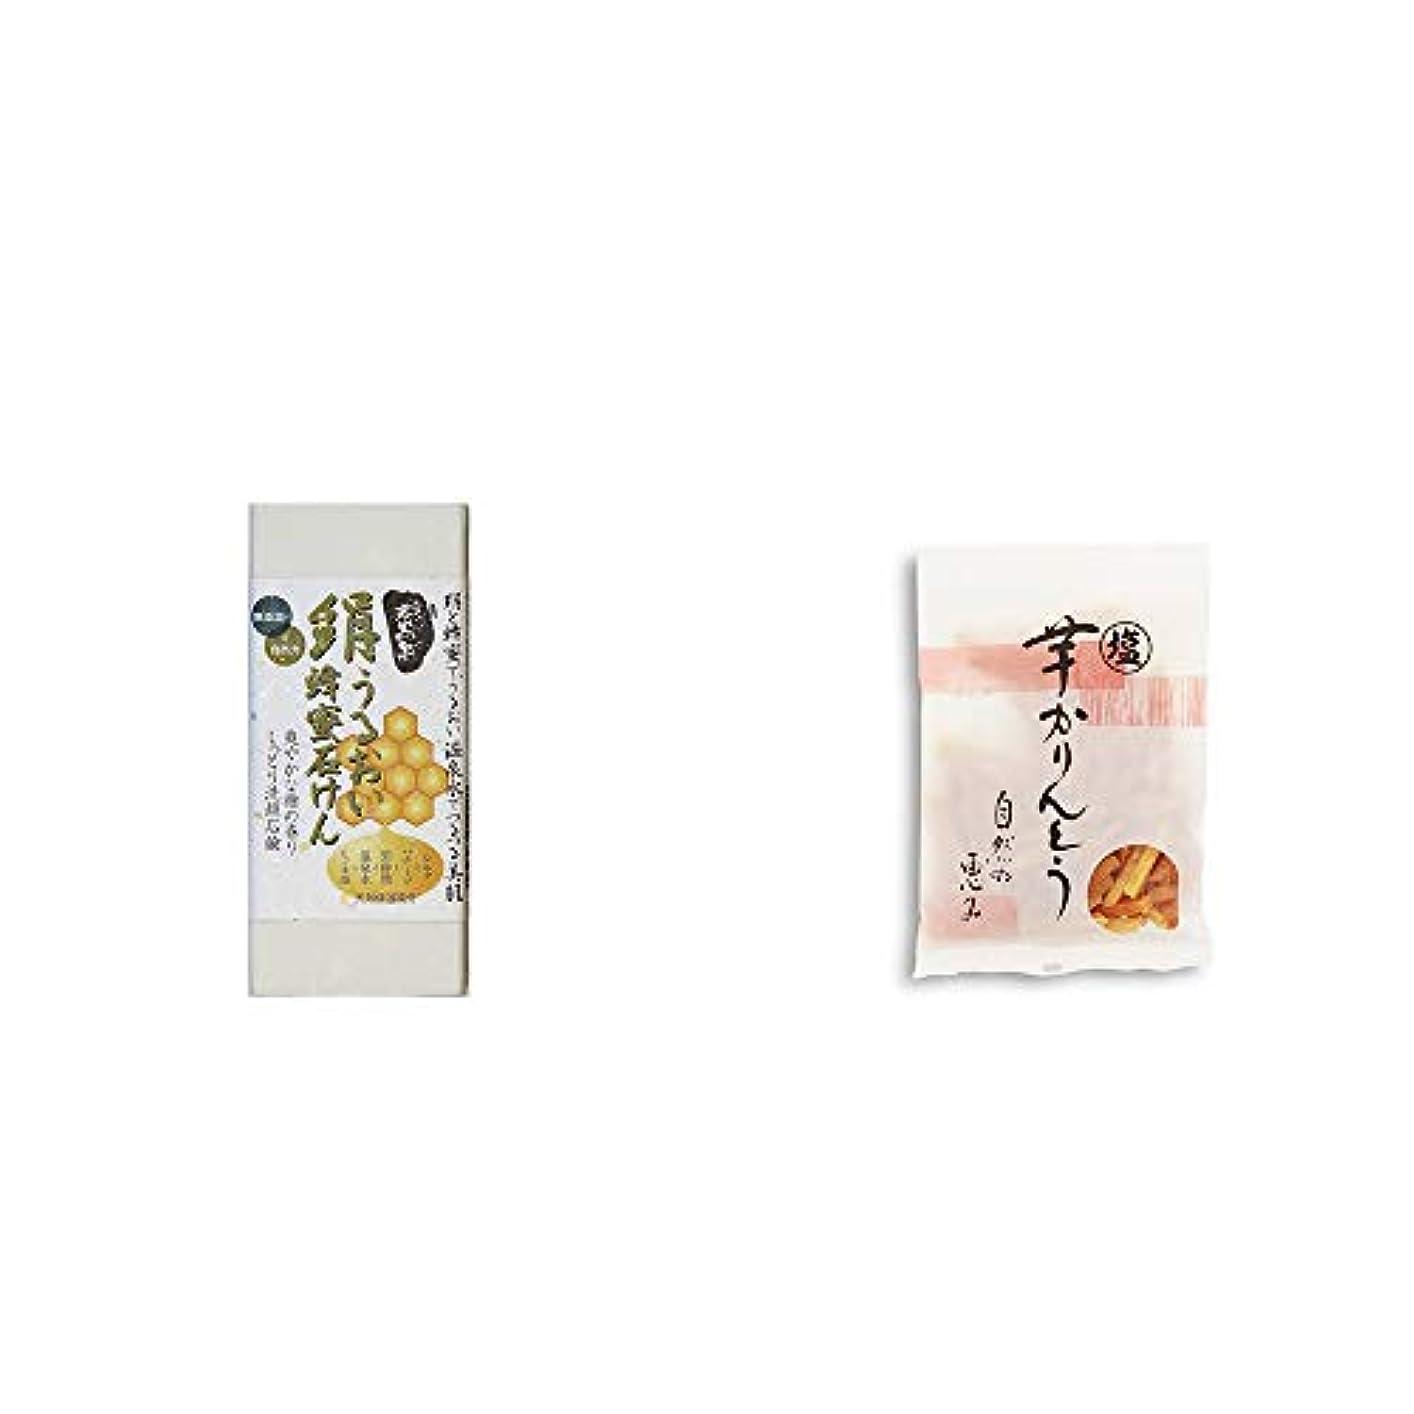 モディッシュつまずく方向[2点セット] ひのき炭黒泉 絹うるおい蜂蜜石けん(75g×2)?塩芋かりんとう(150g)